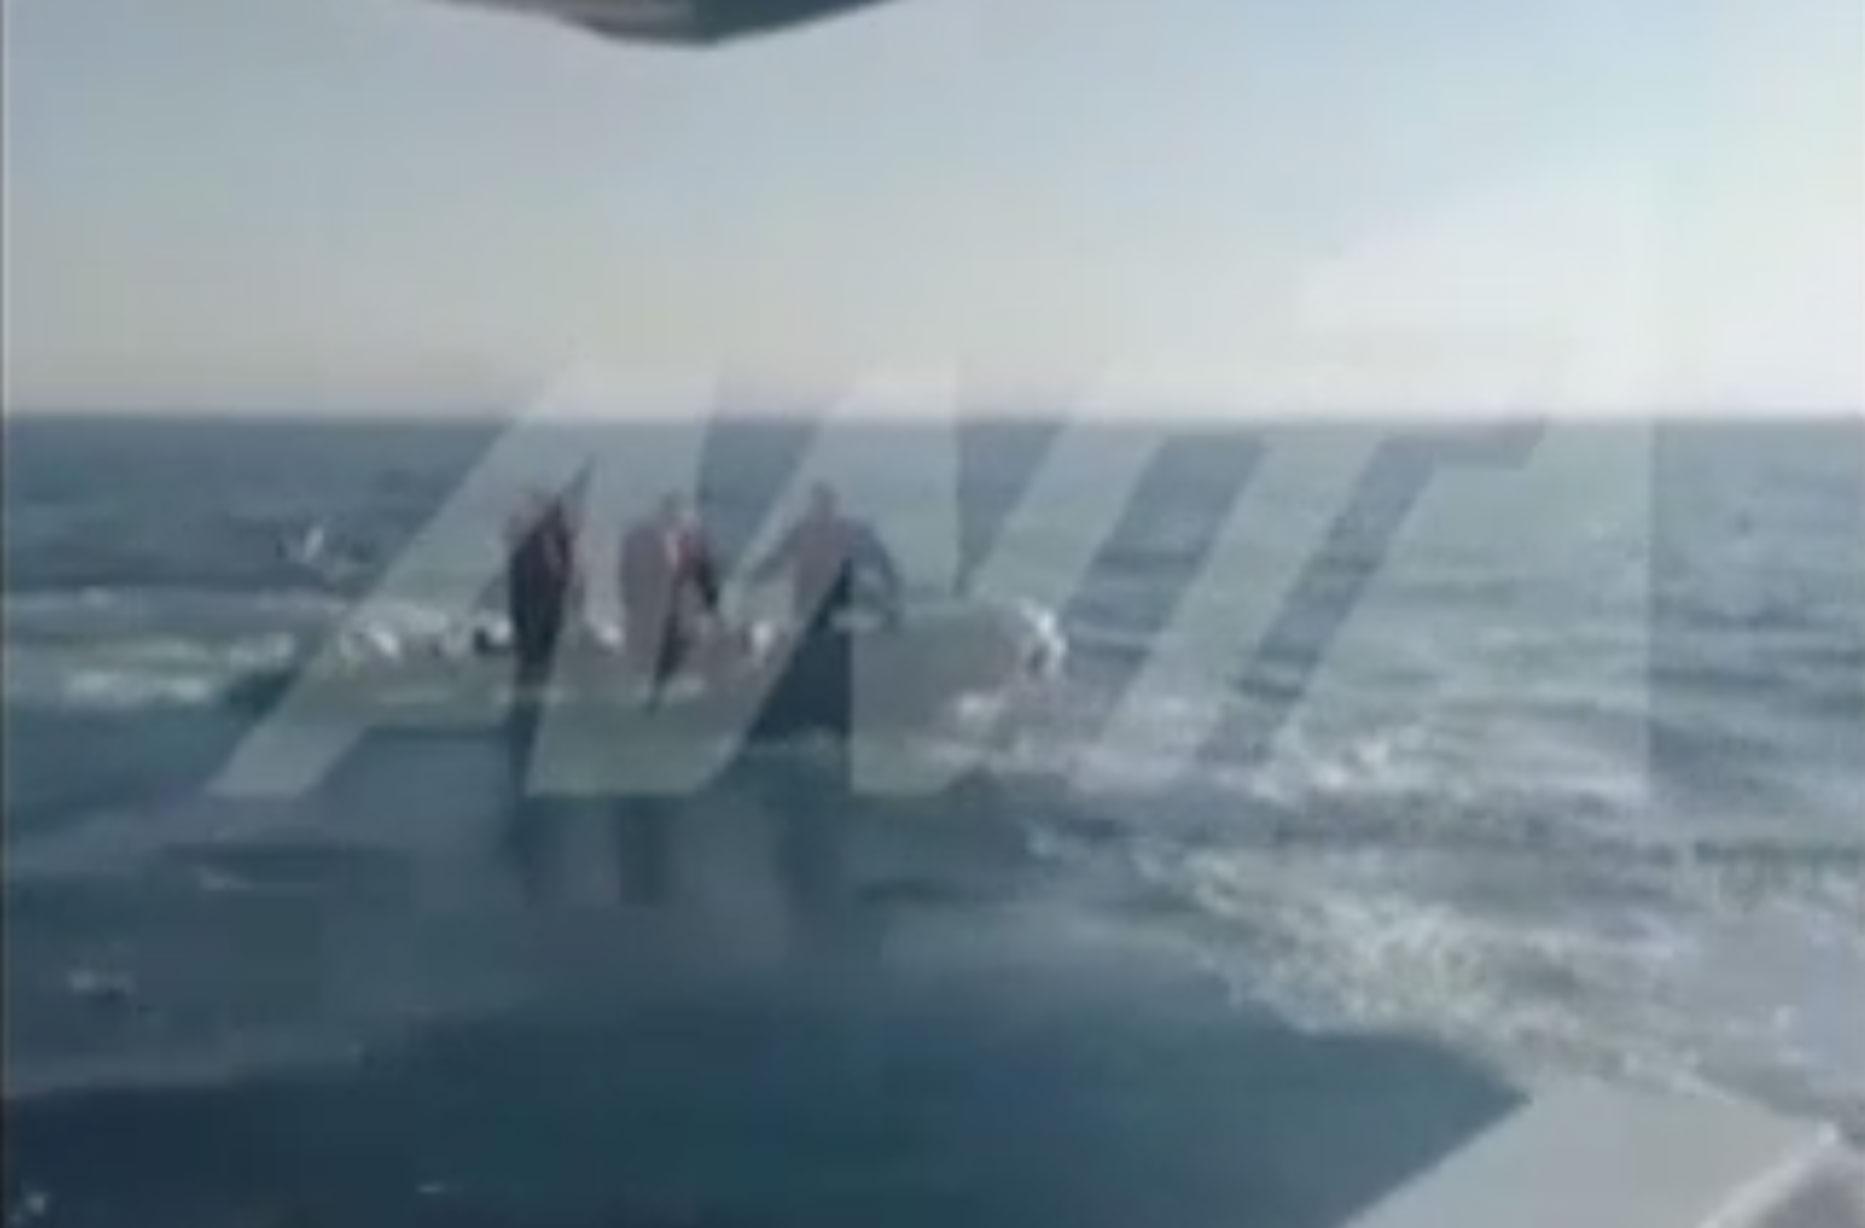 «Άλλες φορές απασφάλιζαν για εκφοβισμό, αλλά αυτή την φορά οπλίσανε!» - Ο Έλληνας ψαράς περιγράφει όλα όσα έζησε στα ανοικτά της Καλύμνου